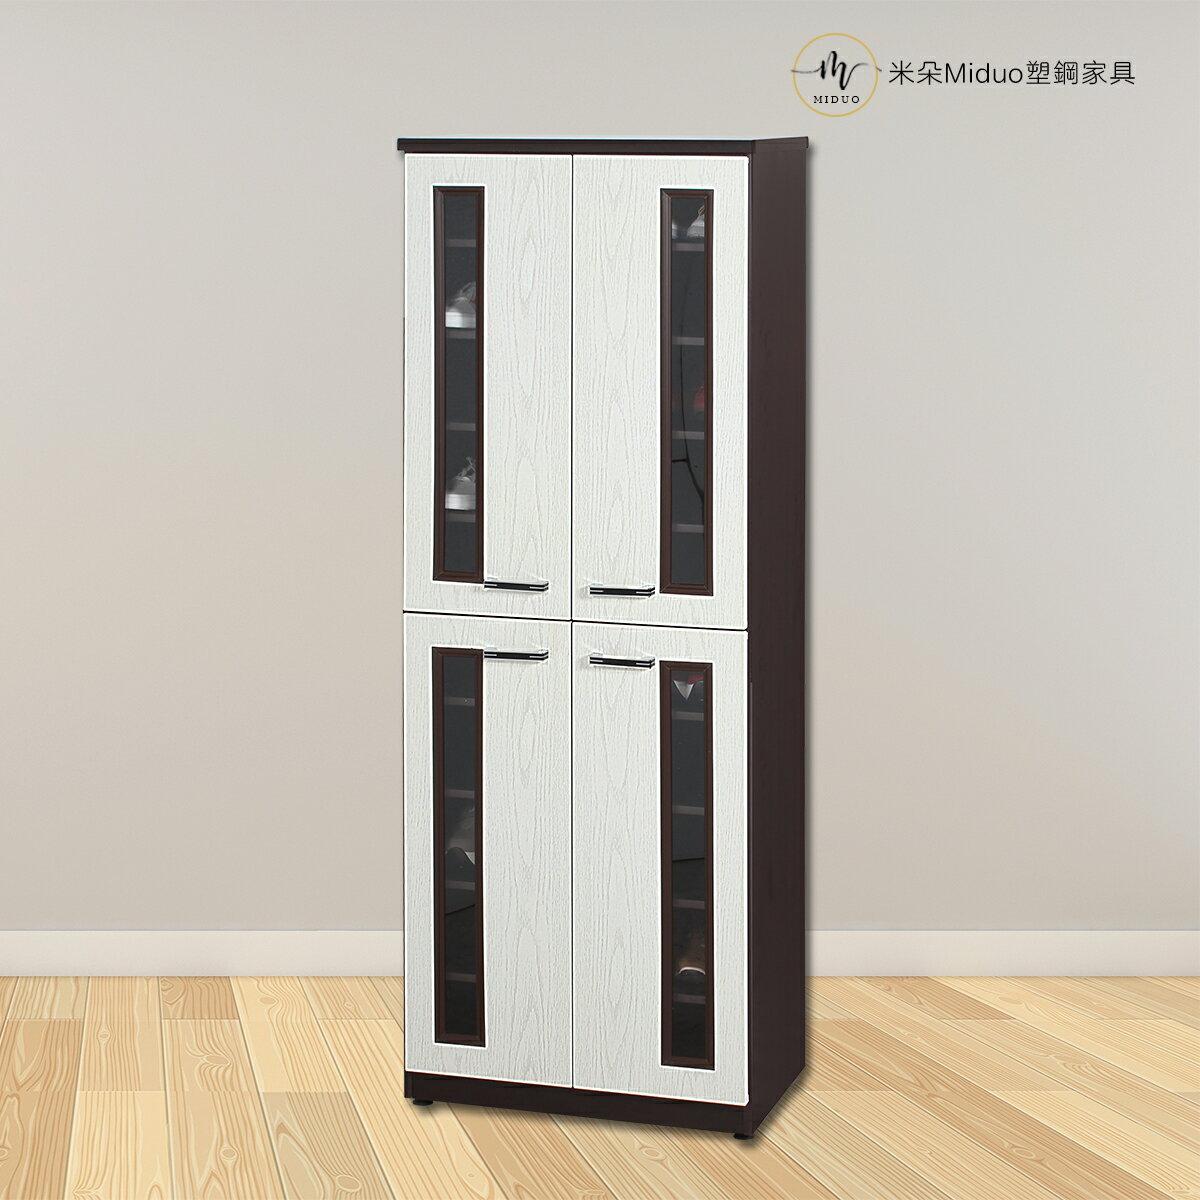 2.1/2.7尺塑鋼四門鞋櫃 壓克力門片 高鞋櫃 防水塑鋼家具【米朵Miduo】